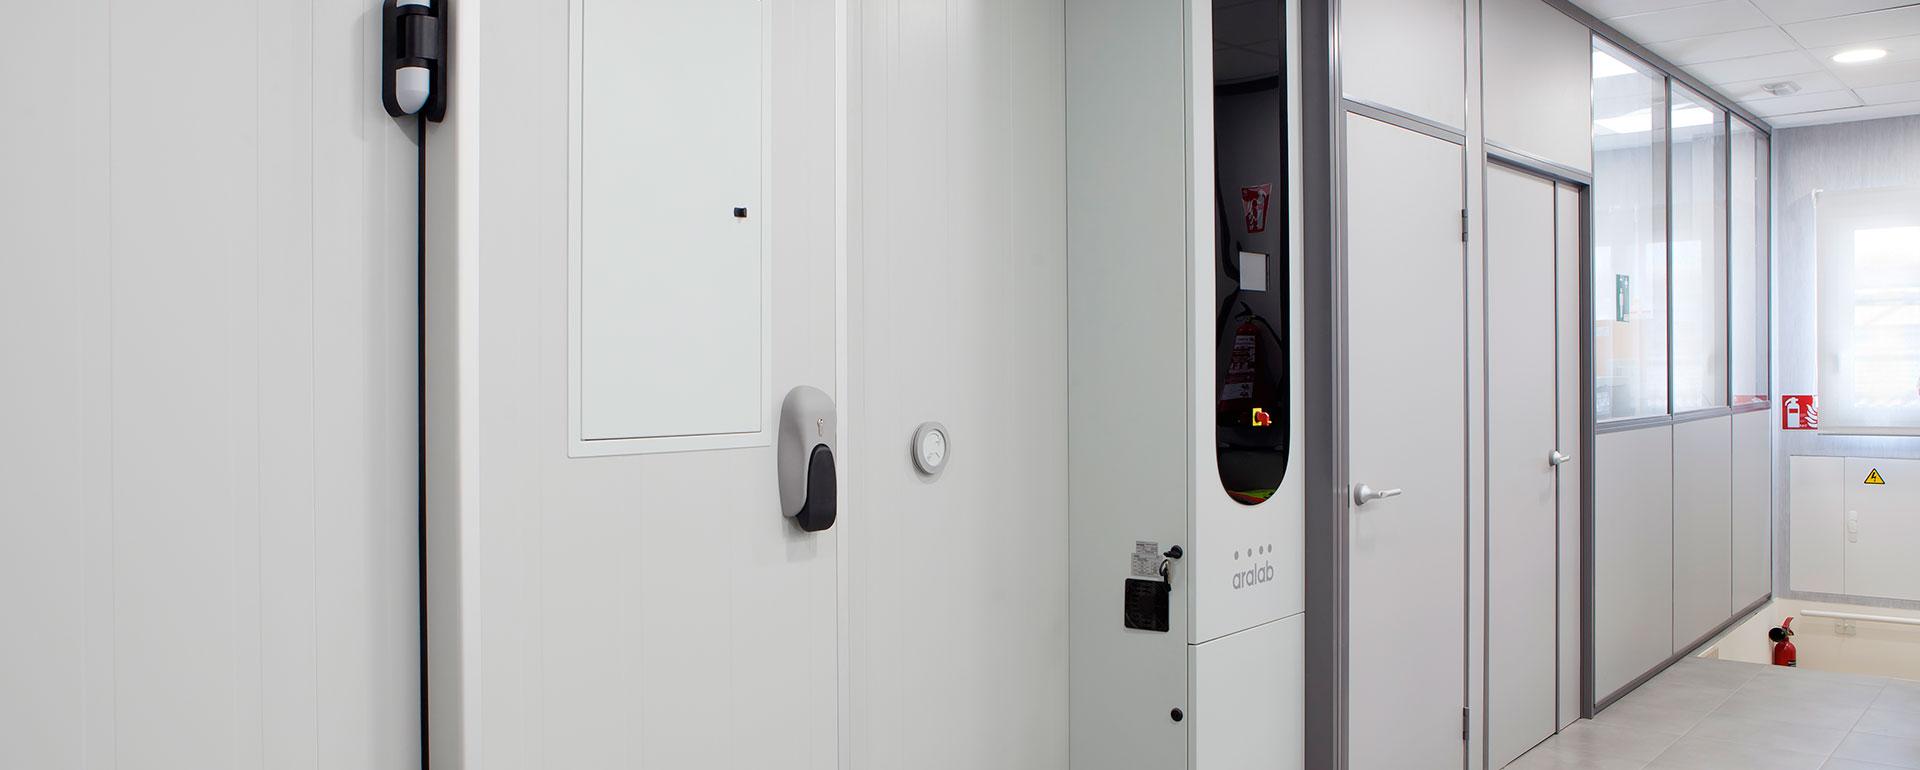 Puertas de acceso al laboratorio